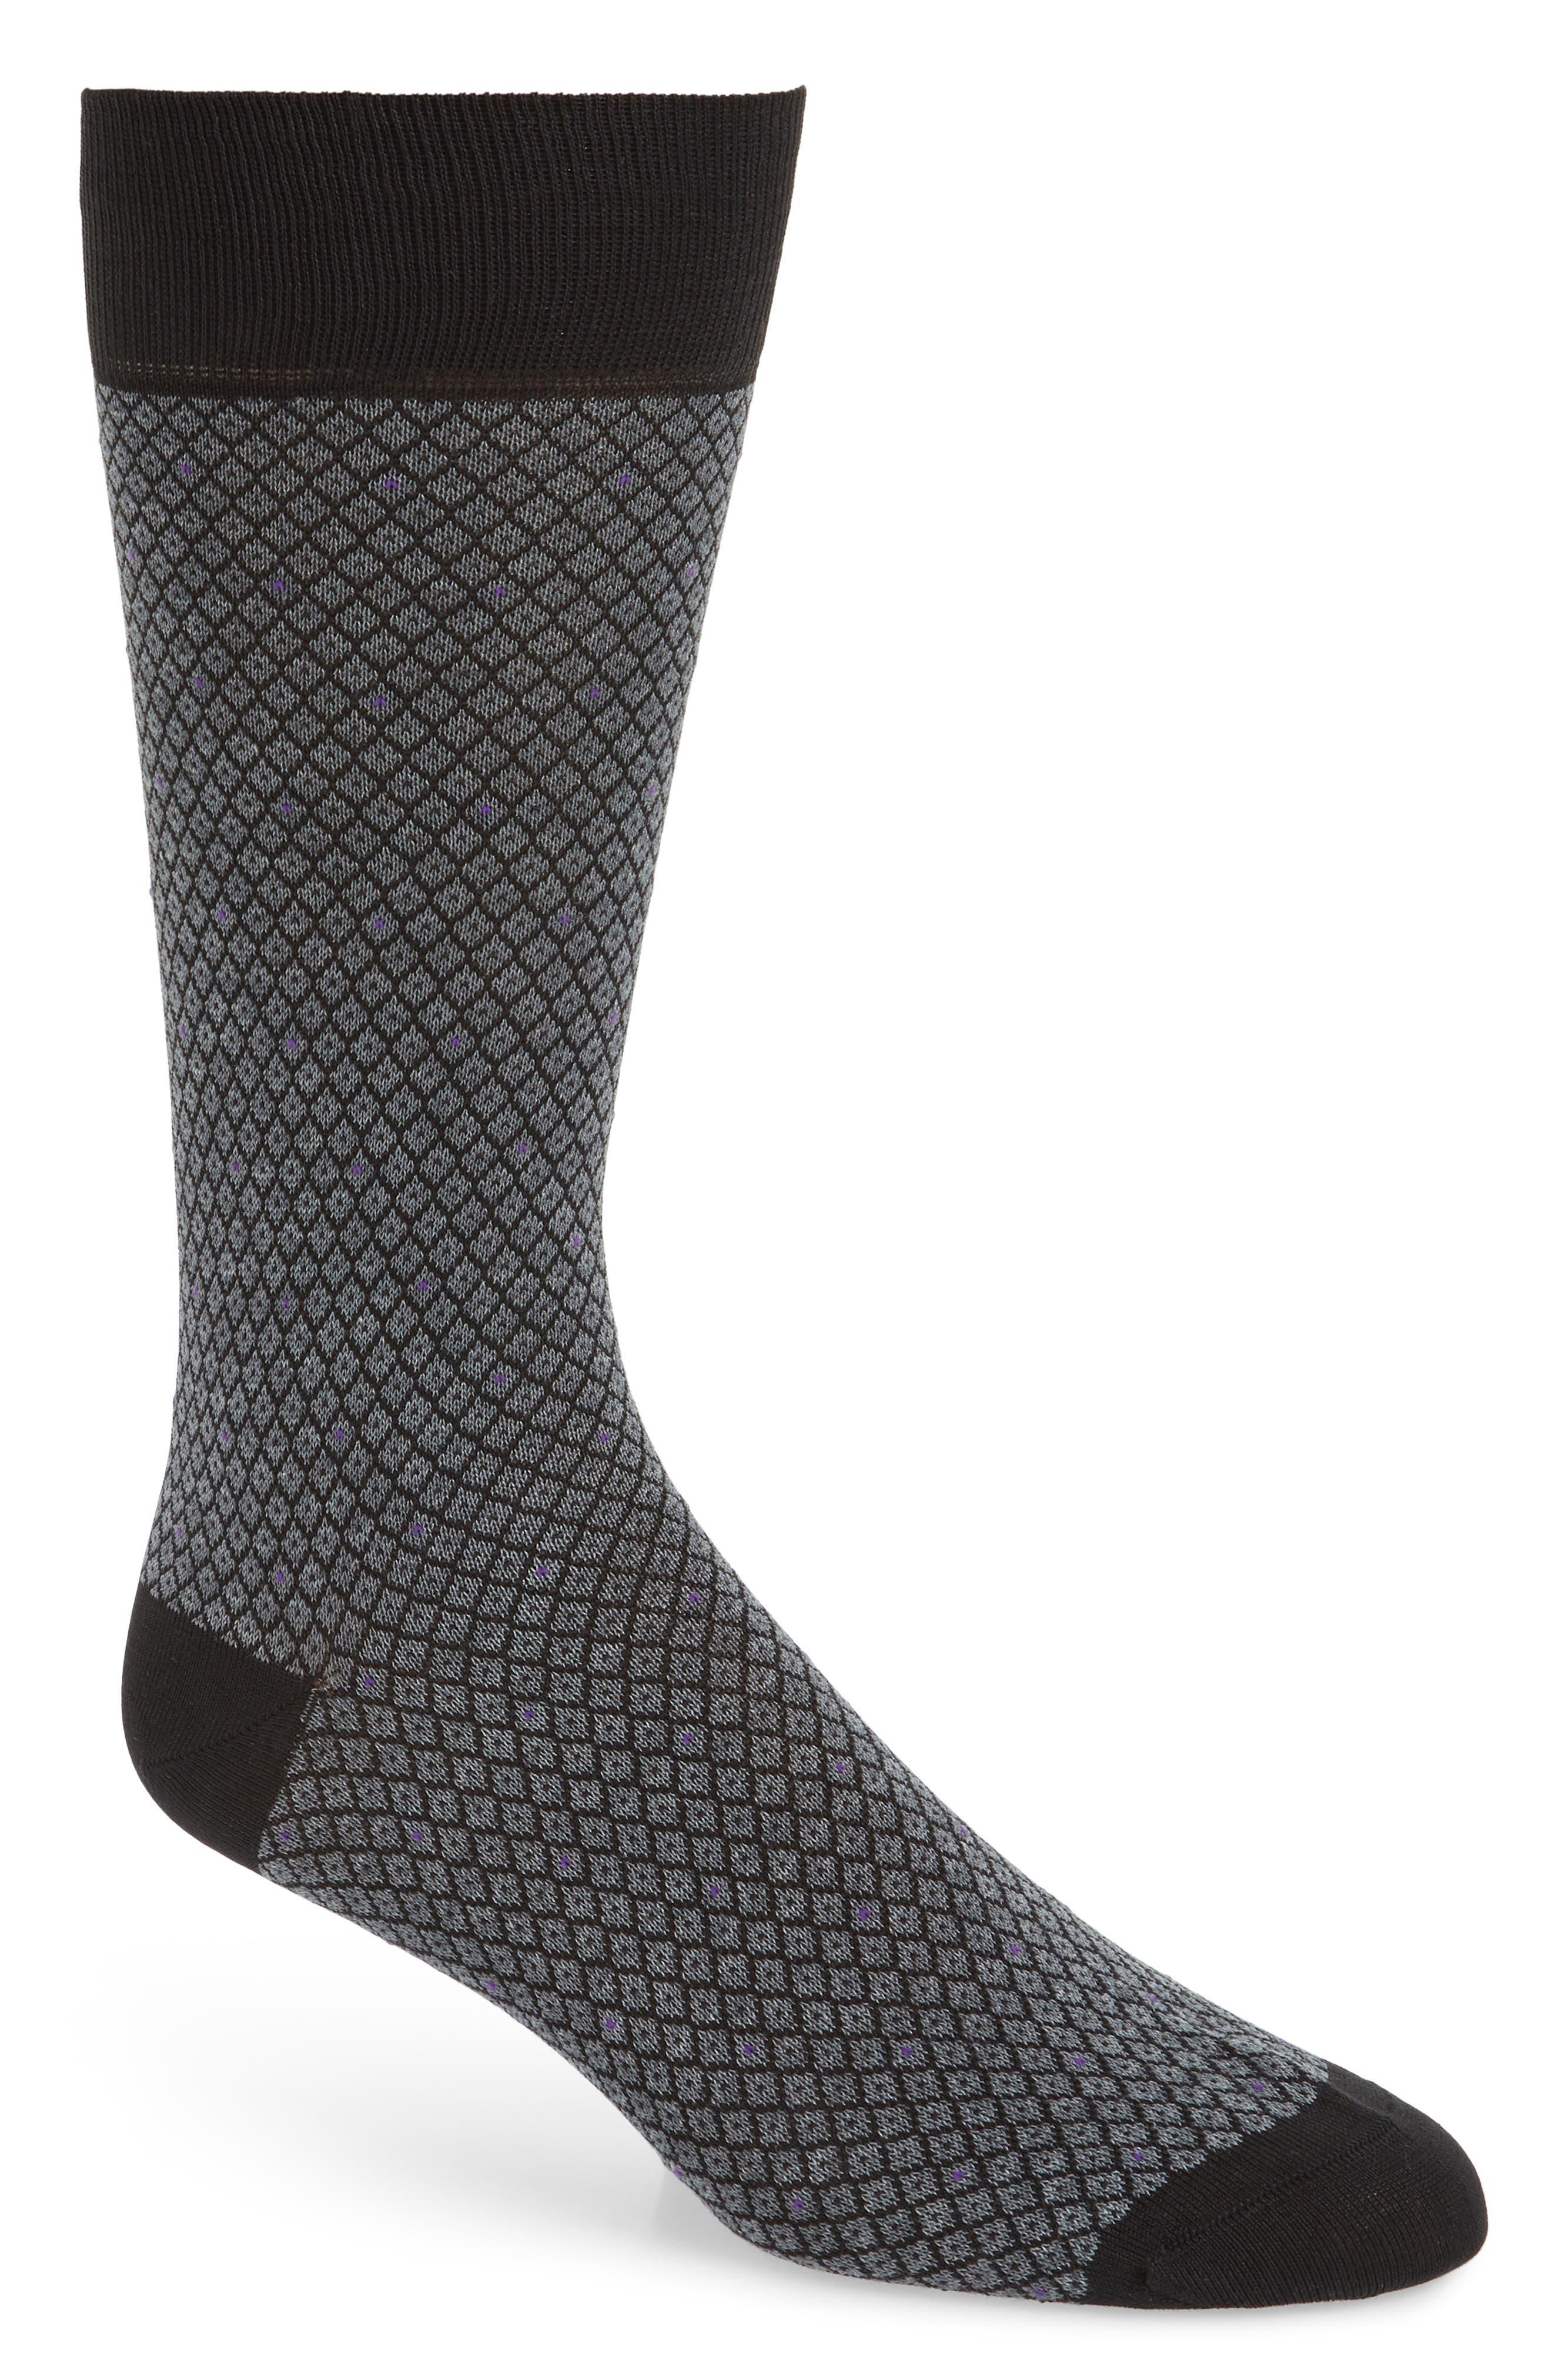 Diamond Jacquard Socks,                             Main thumbnail 1, color,                             Charcoal